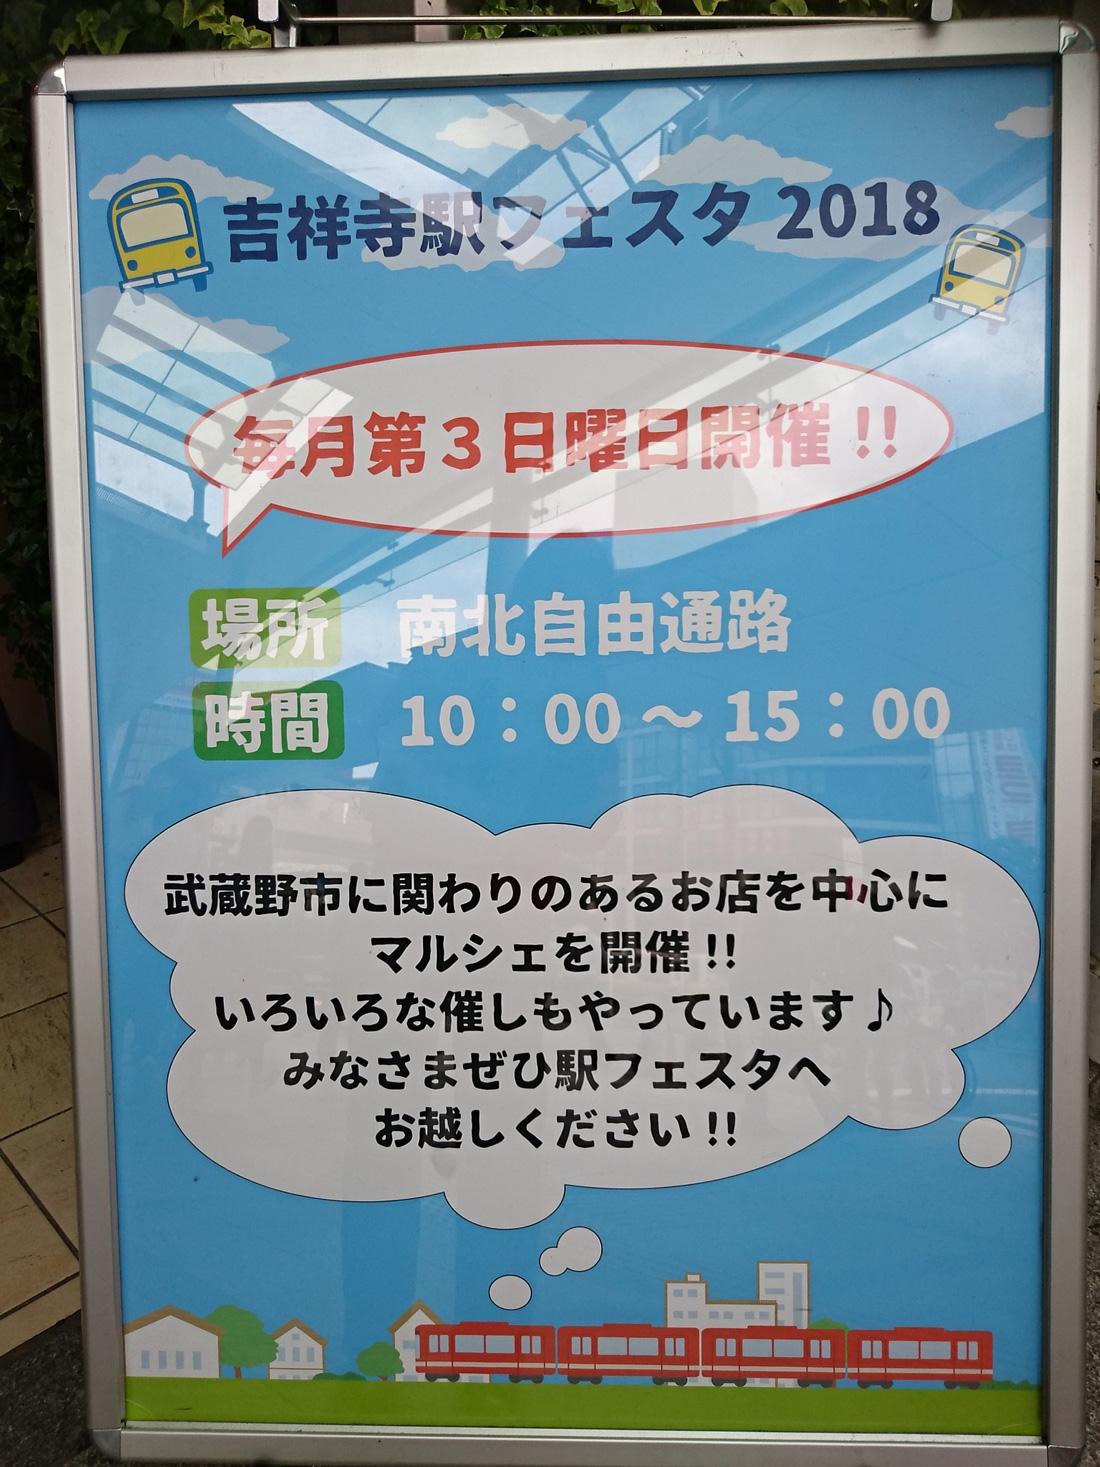 【今週末は第3日曜!】7/15(日)は吉祥寺駅フェスタの開催日です。